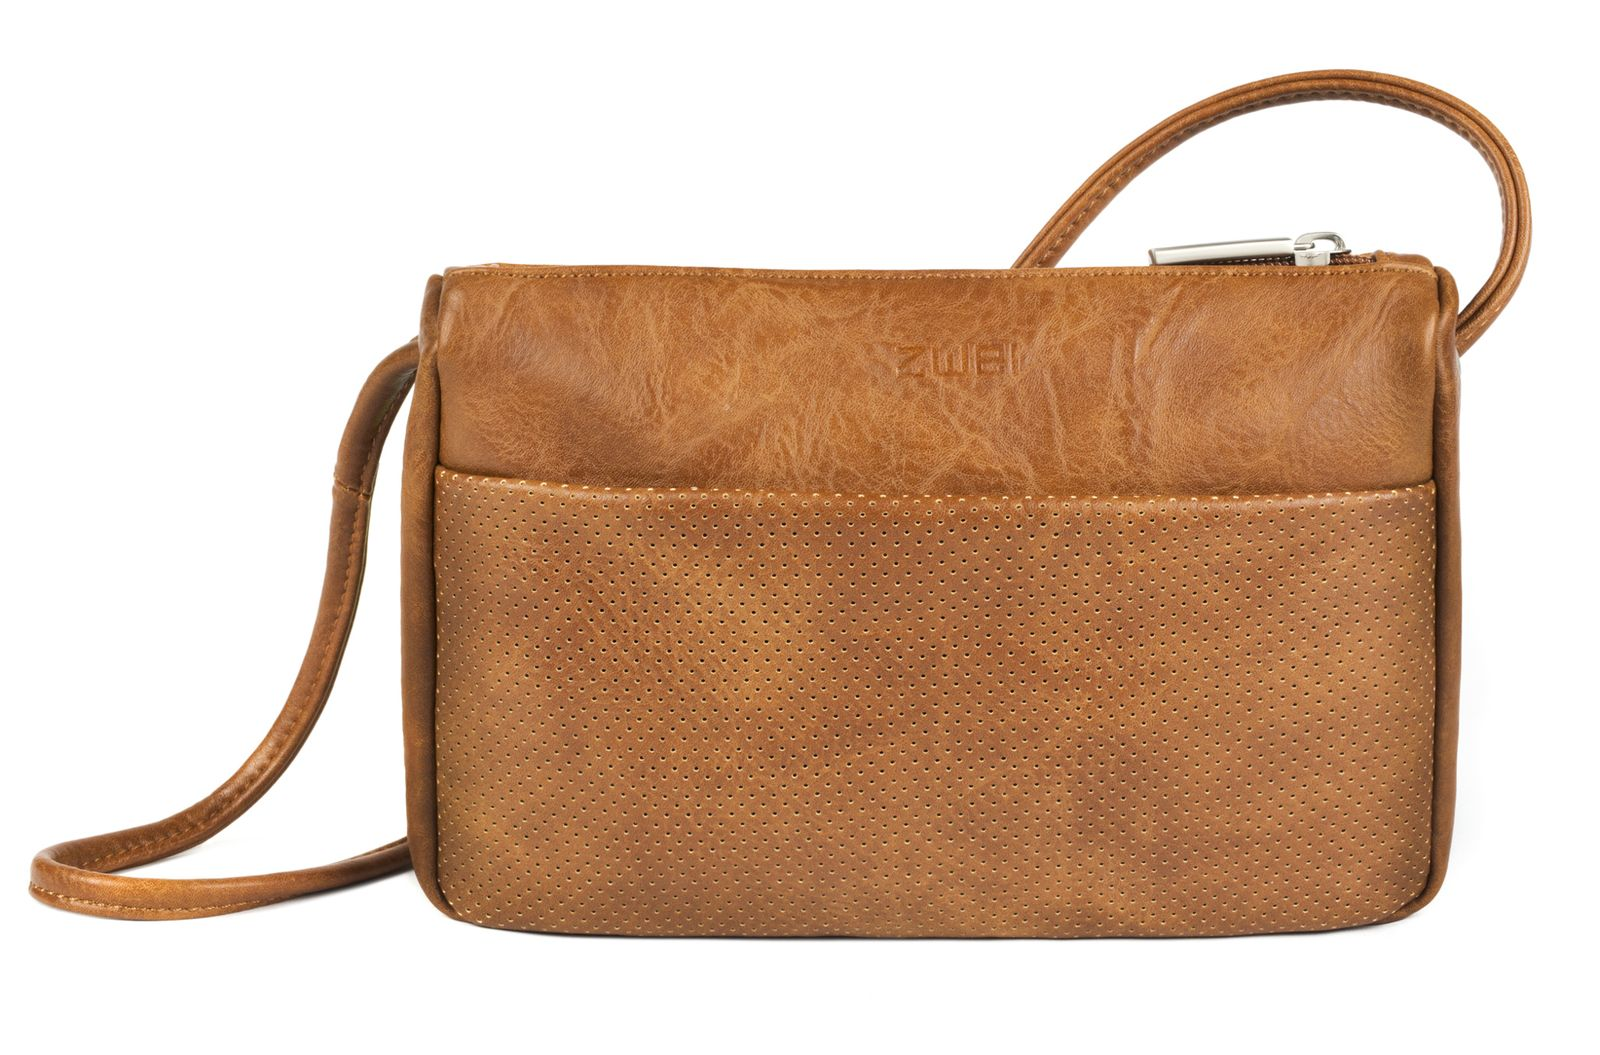 1931246bab060 ZWEI Handtasche Umhängetasche MADEMOISELLE M1-z Kunstleder Lifestyle ...